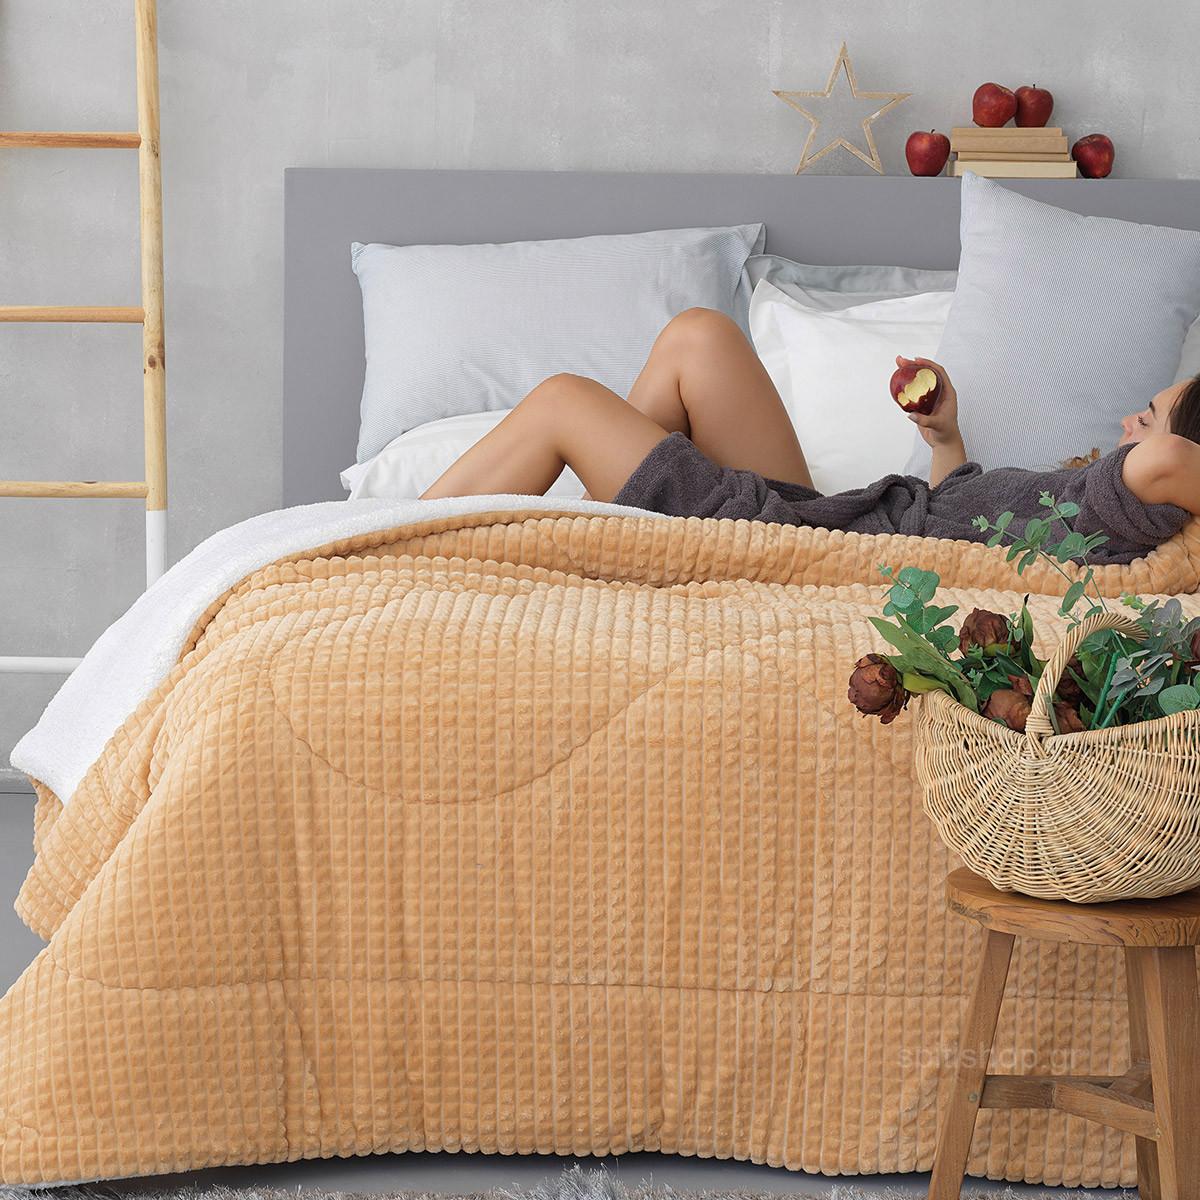 Κουβερτοπάπλωμα Υπέρδιπλο Palamaiki Cube Sand home   κρεβατοκάμαρα   παπλώματα   κουβερτοπαπλώματα